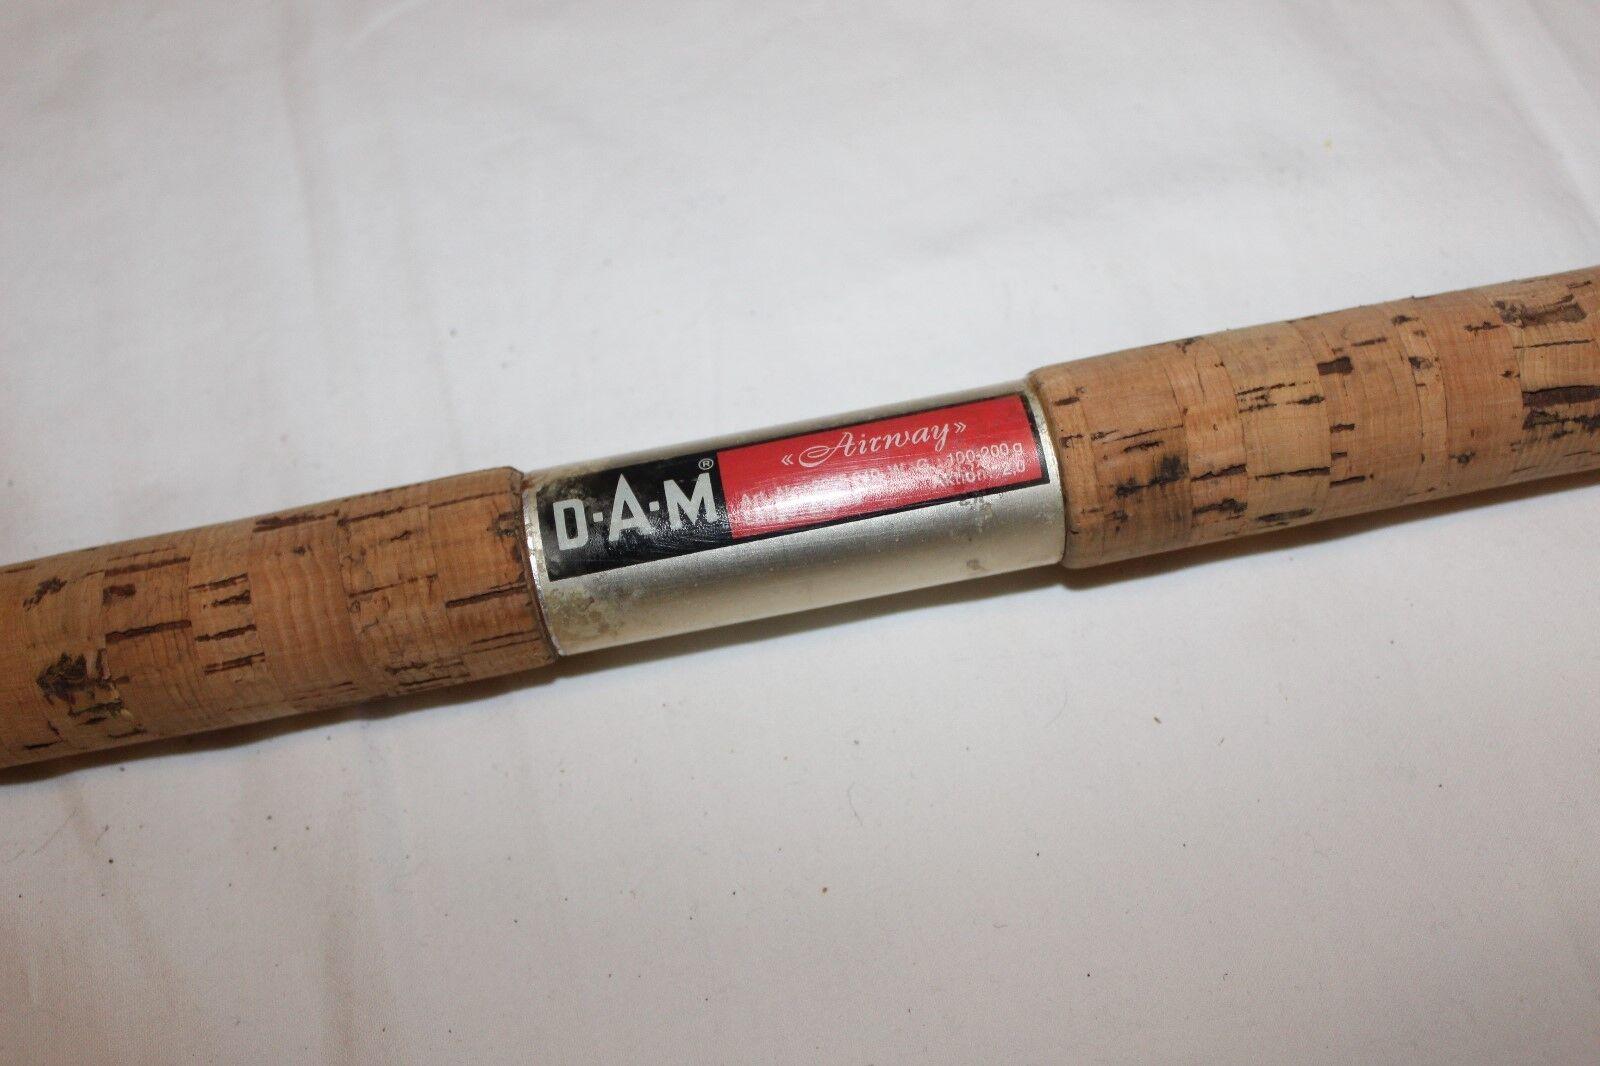 Dam  AIRWAY  - 2,40 M, wg 100-200g-nr-377